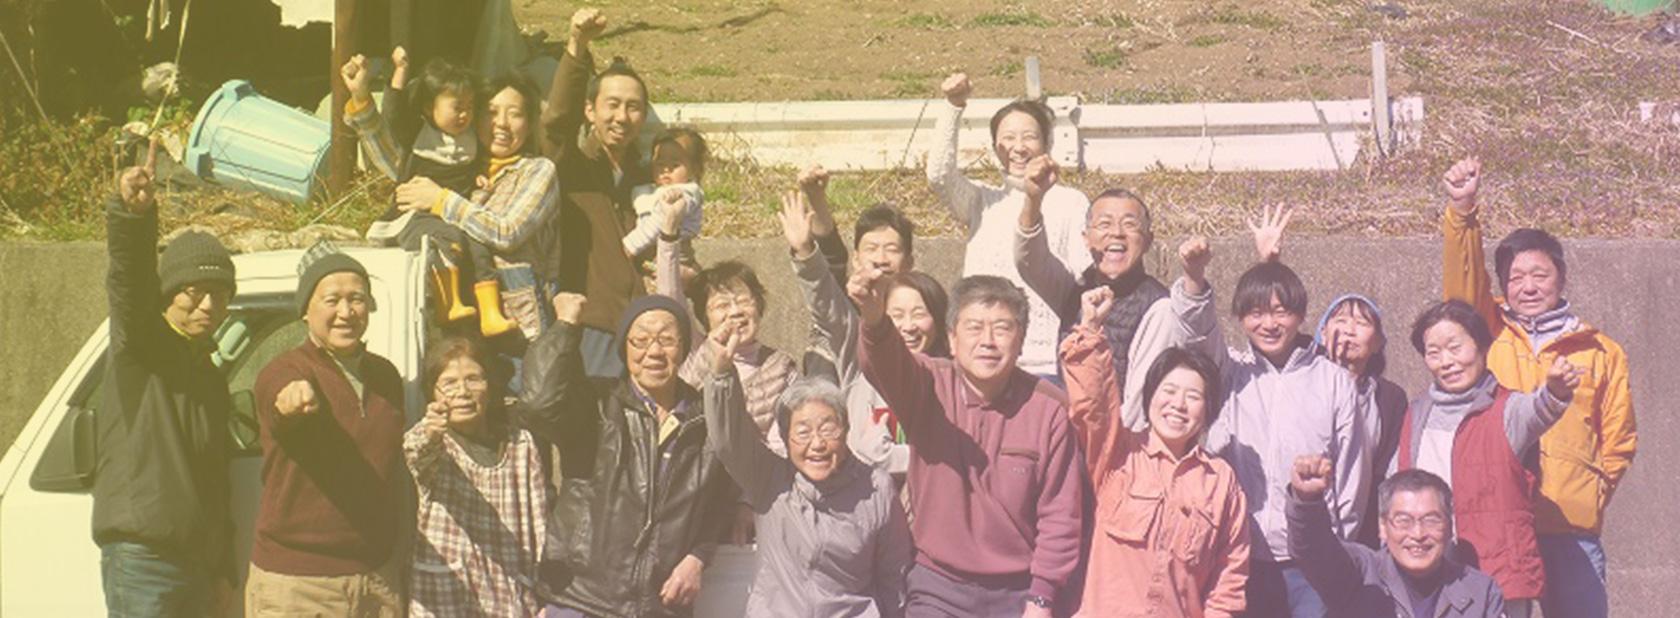 |愛知県豊根村[とみやま村]ゆず収穫隊|とみやまの柚子収穫